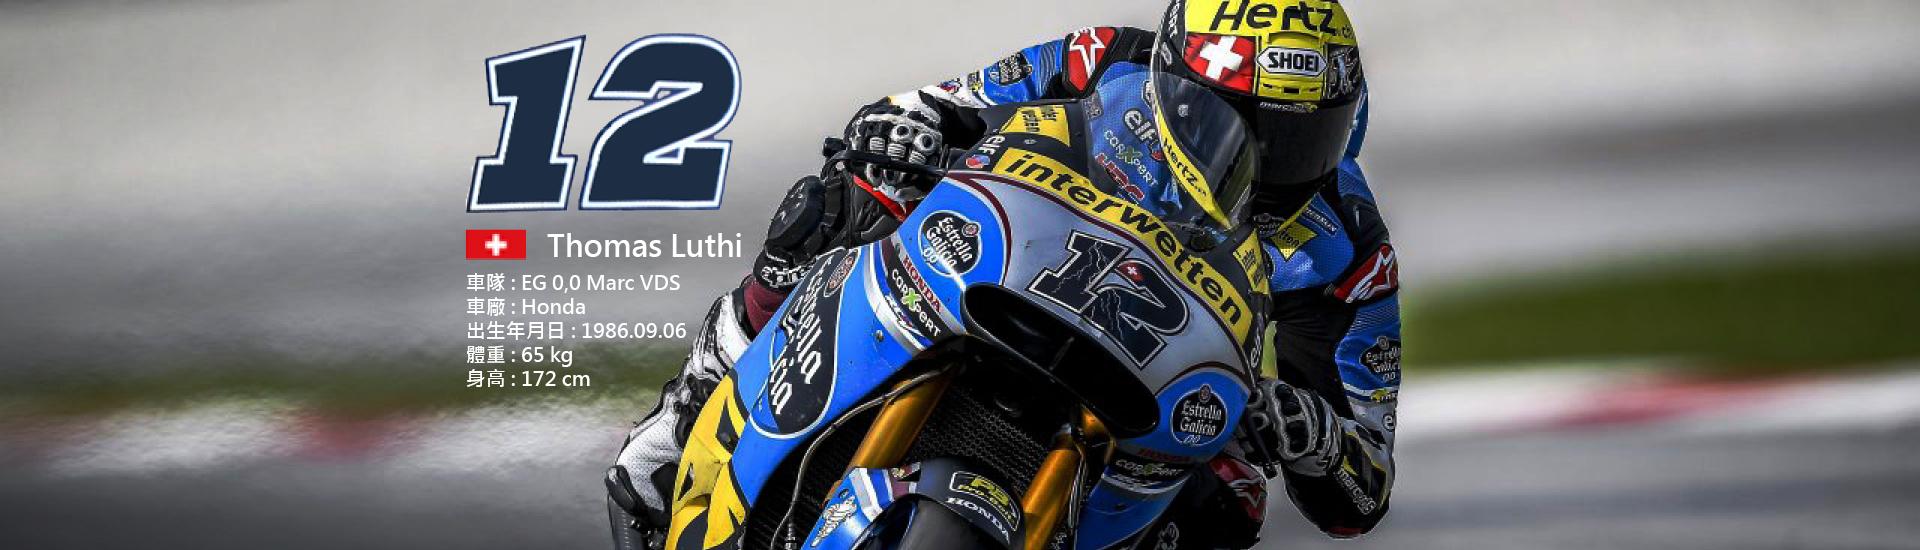 2018 MotoGP 【12】Thomas Luthi